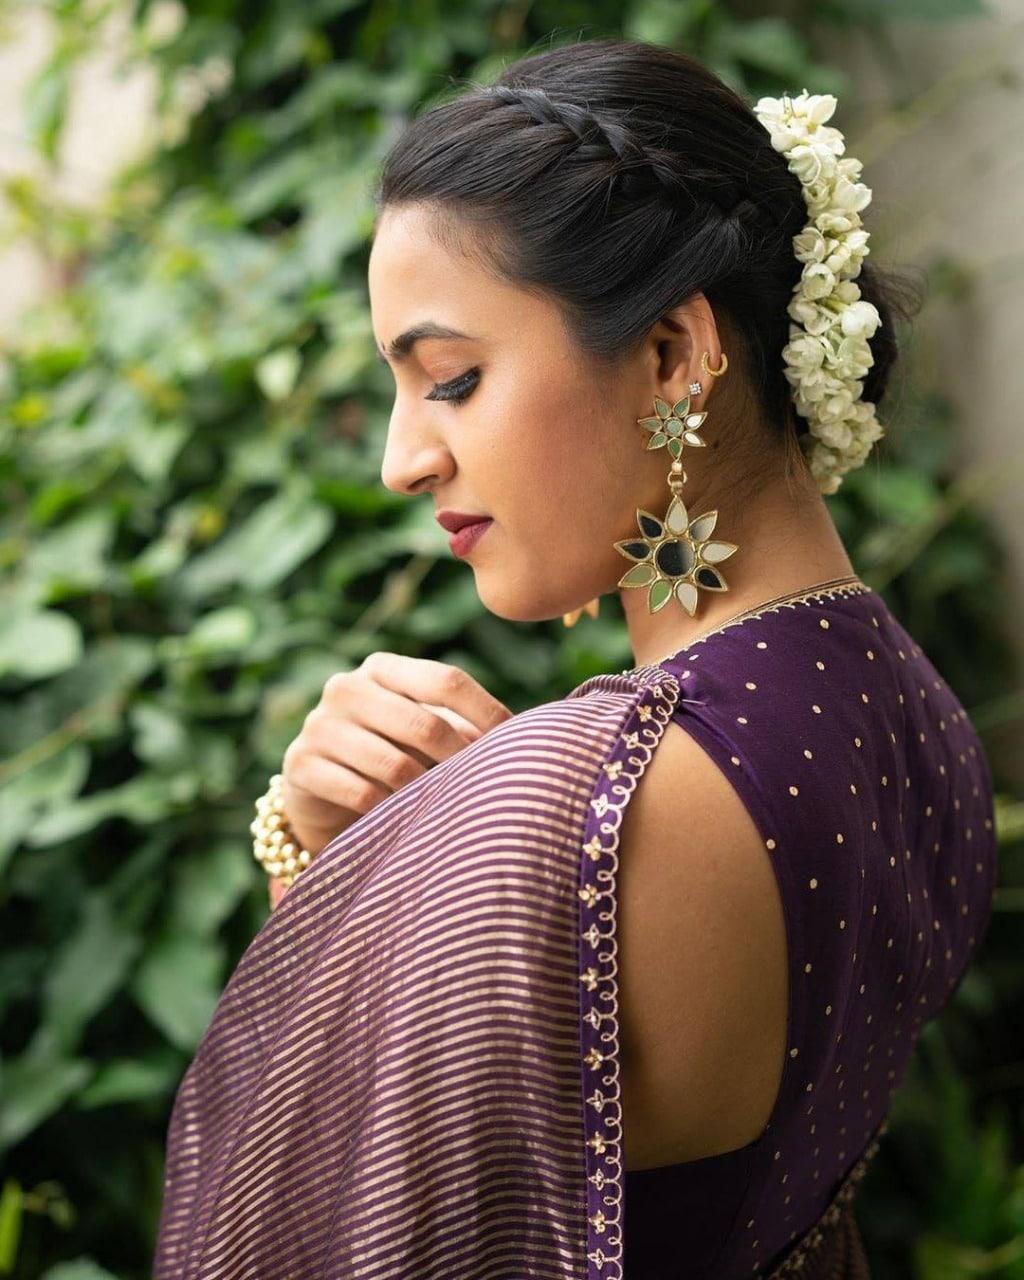 నిహారిక కొణిదెల బ్యాచిలర్ పార్టీ (Instagram/Photo)